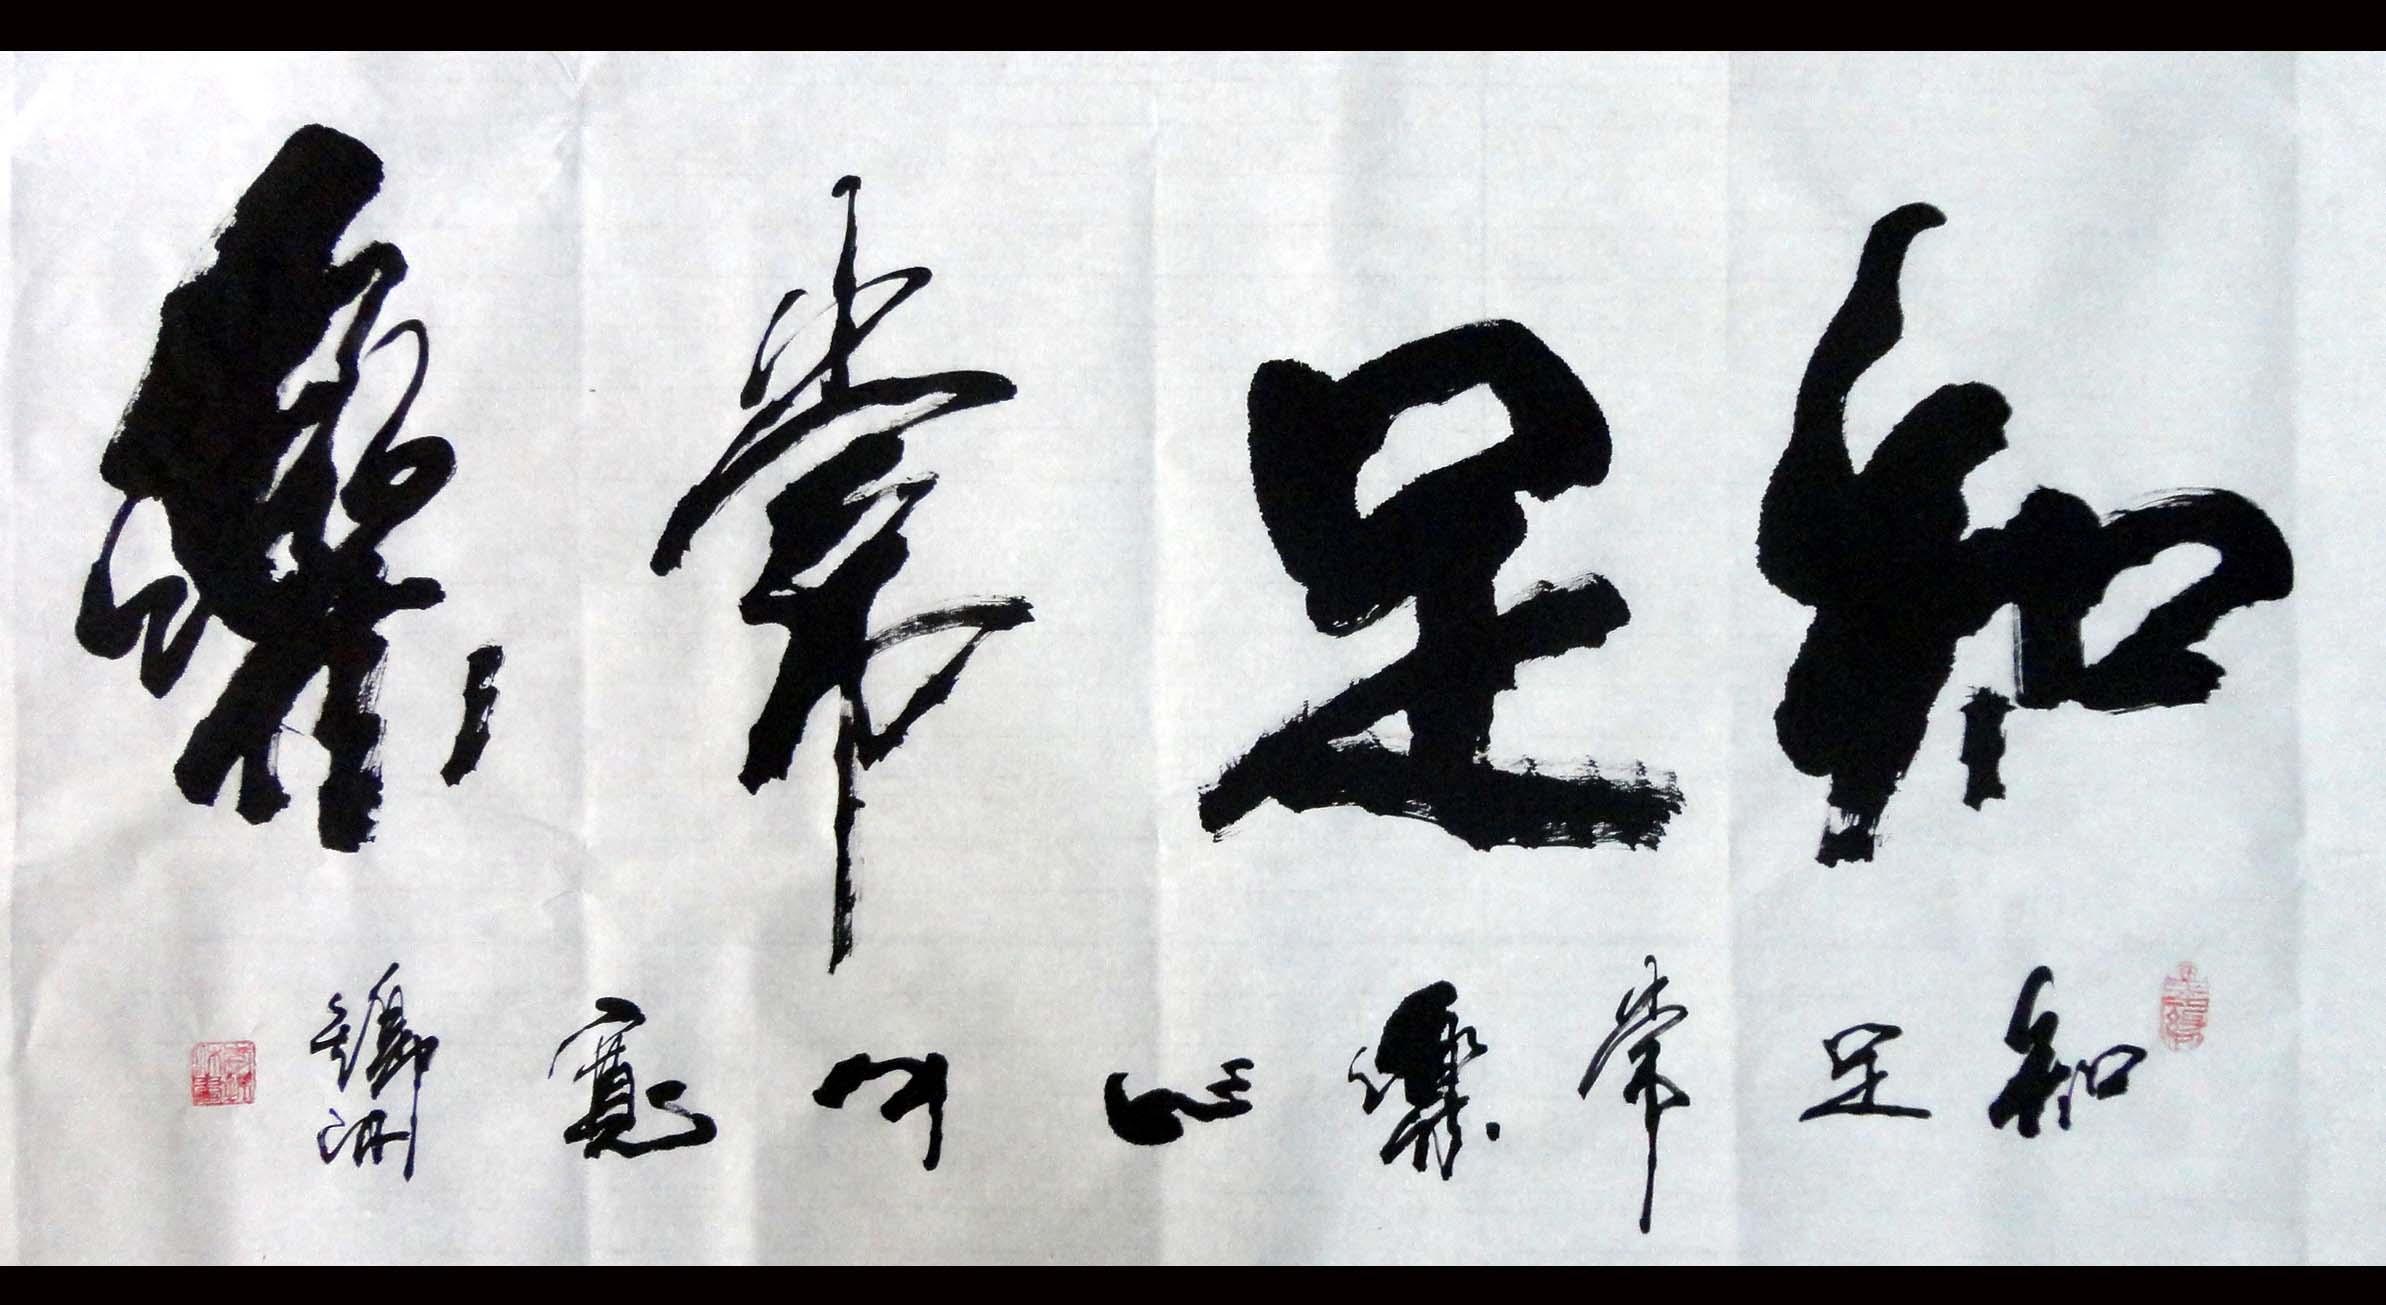 名家定制书法中国画行书知足常乐三尺李金木手绘字画作品收藏送礼图片